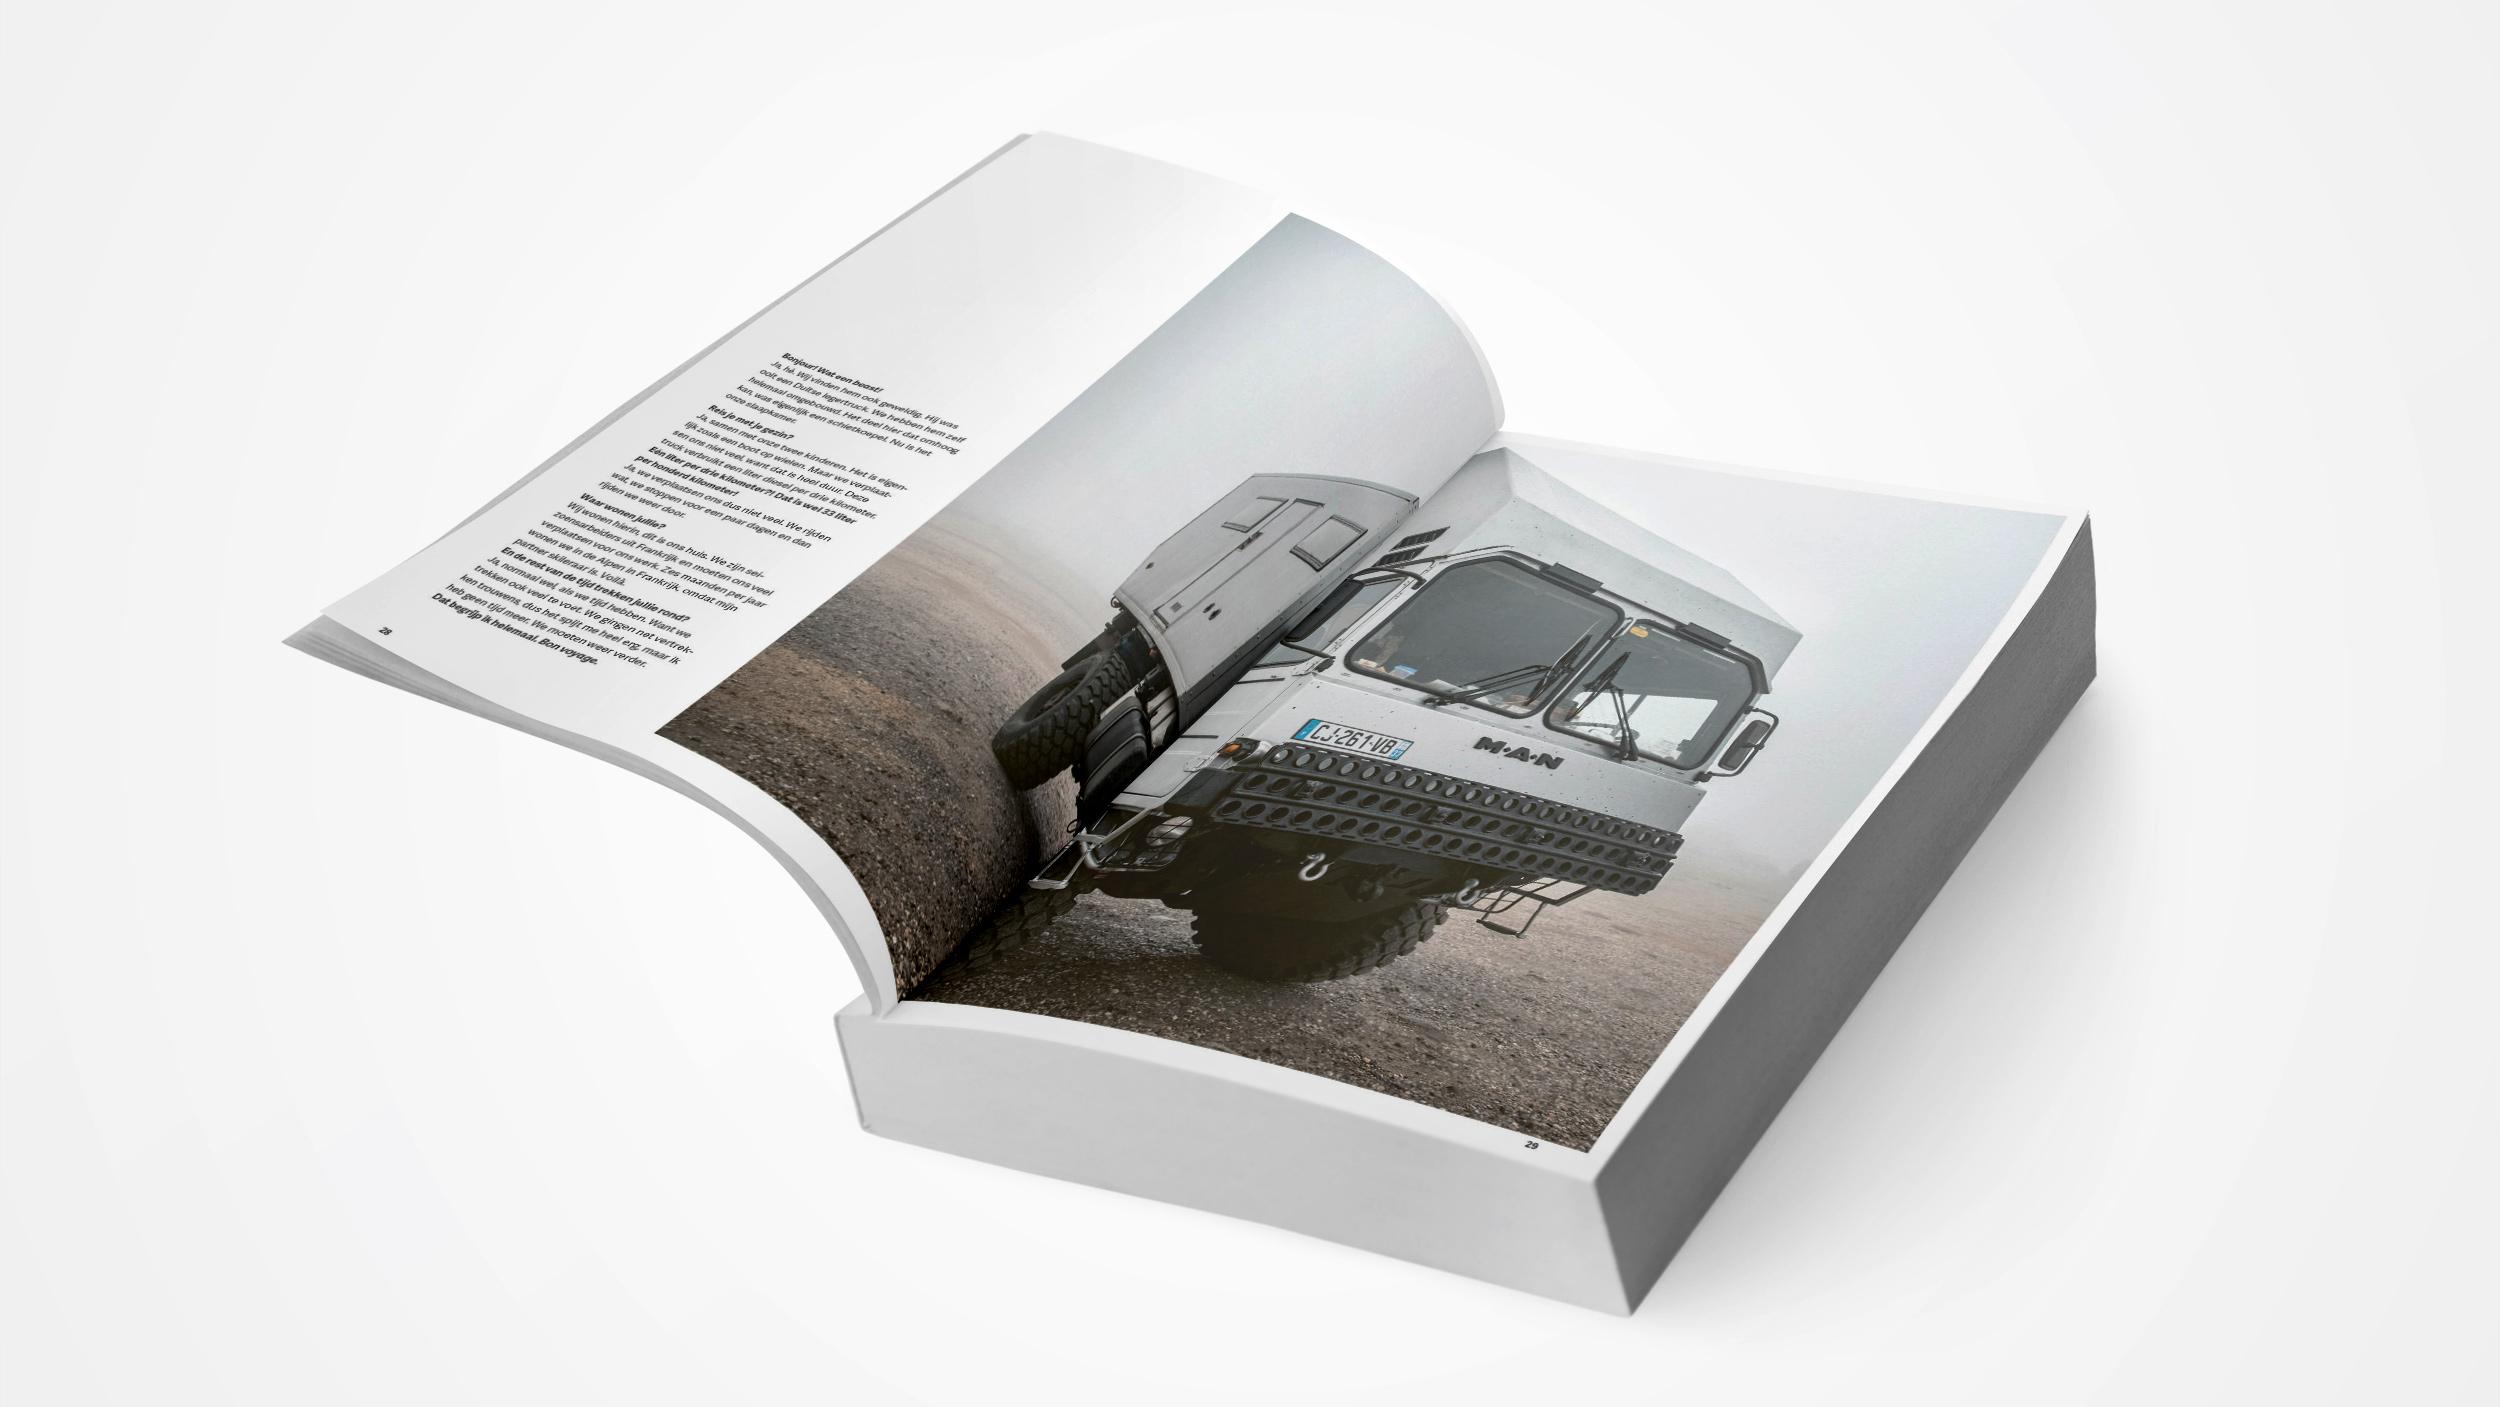 Boekvezorging Binnenwerk Nordkapp Stories - Michael Van Peel - Uitgeverij Vrijdag